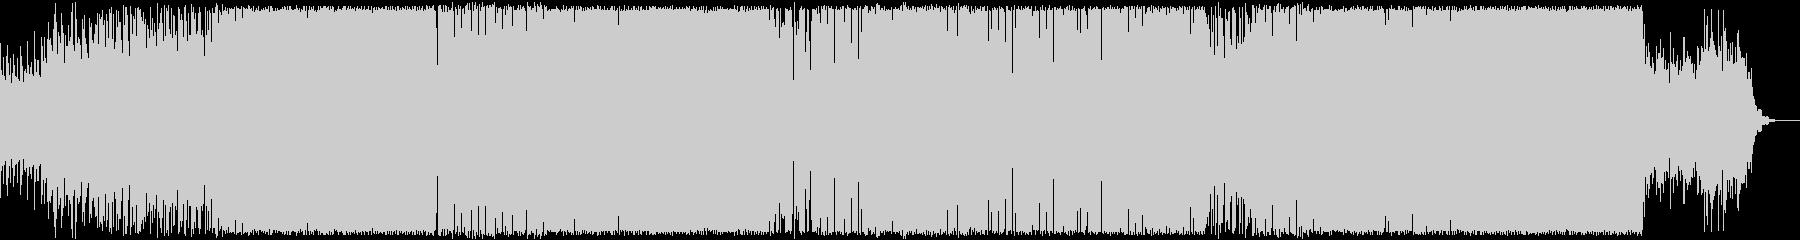 明るく可愛いEDMの未再生の波形